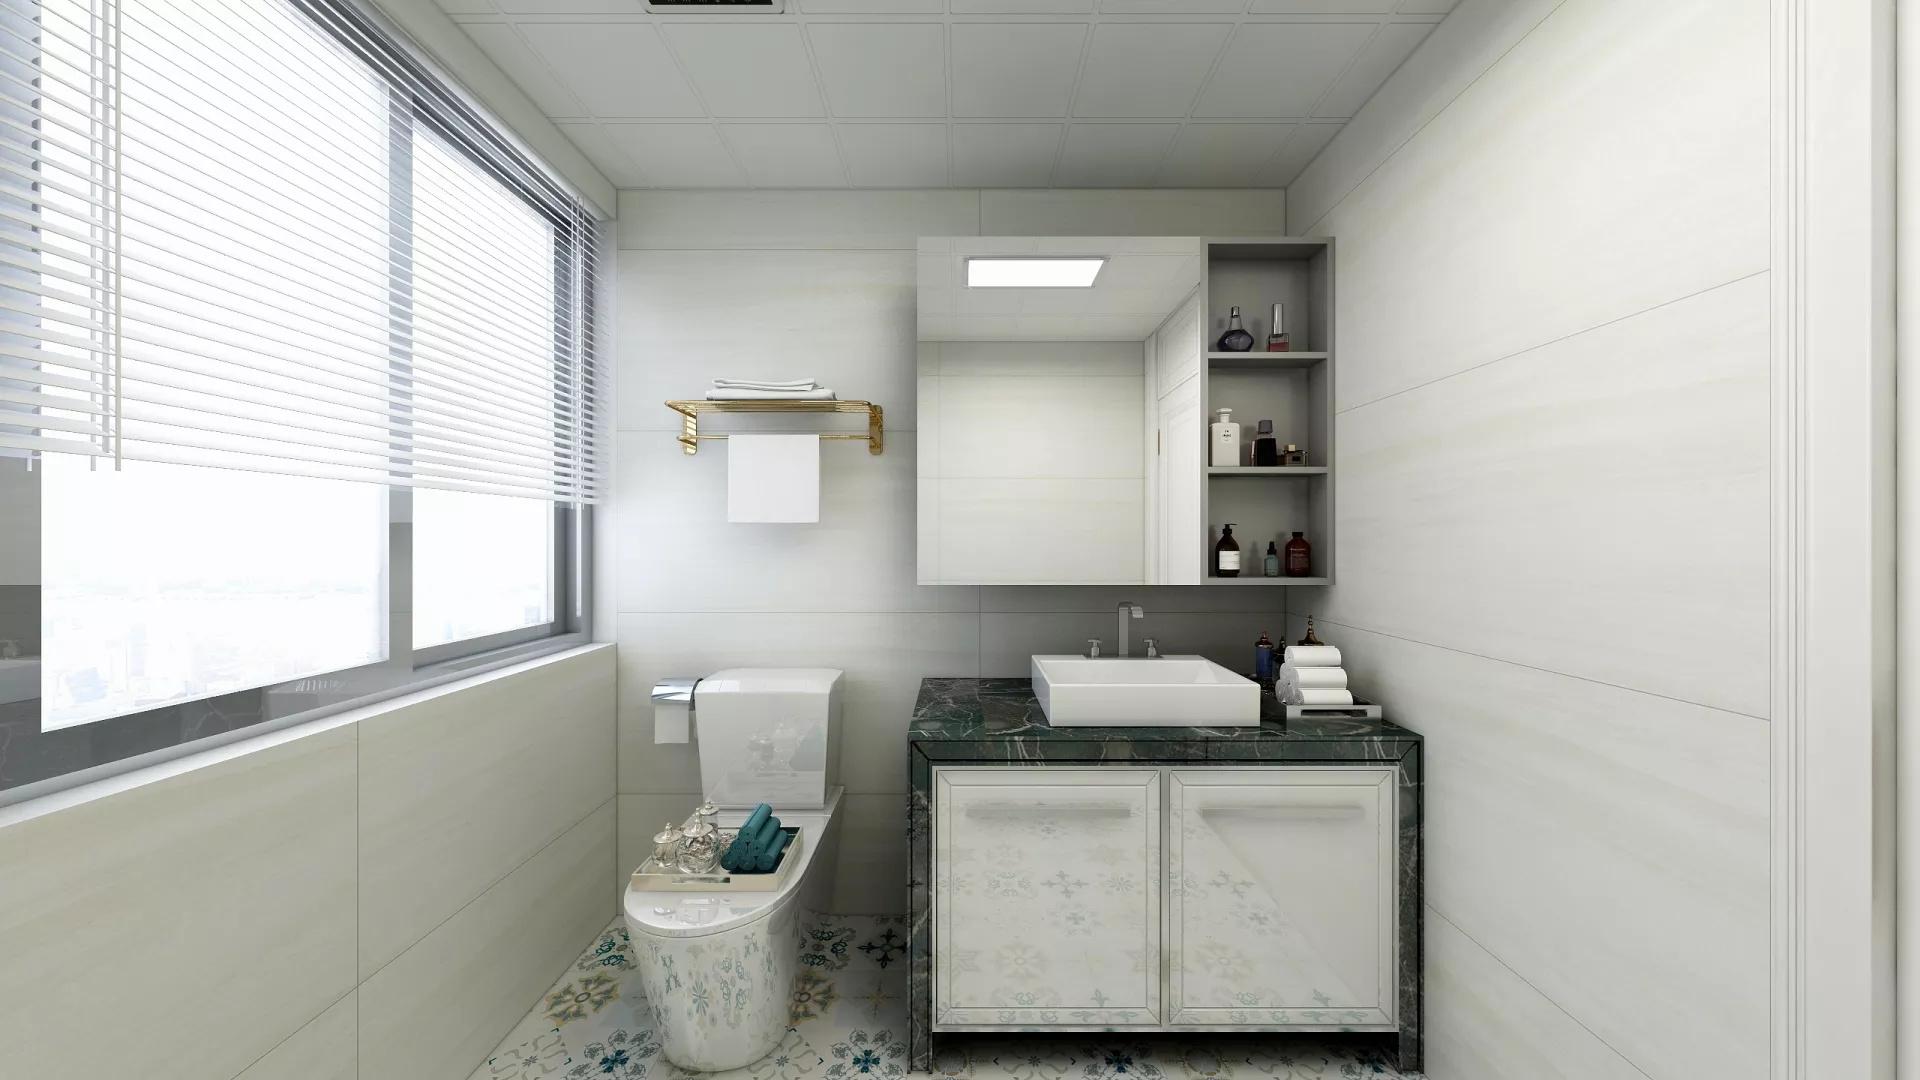 现代时尚简约风格客厅装修效果图